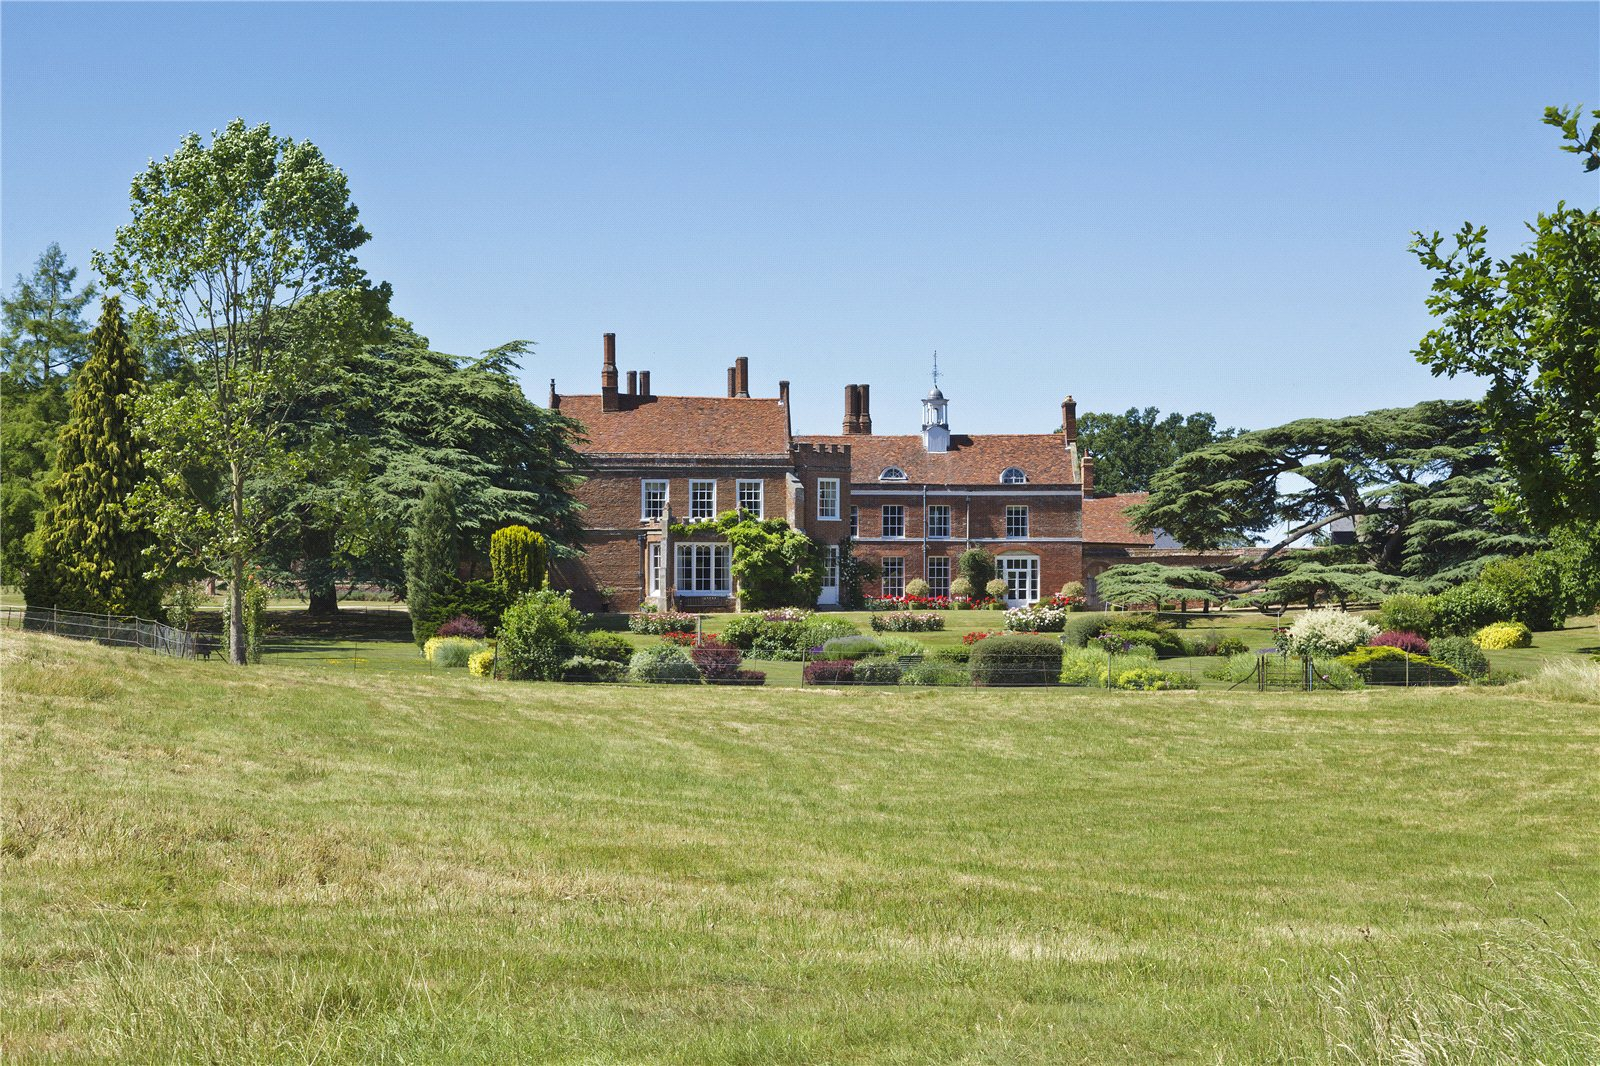 Maison unifamiliale pour l Vente à Spains Hall Road, Finchingfield, Braintree, Essex, CM7 Braintree, Angleterre